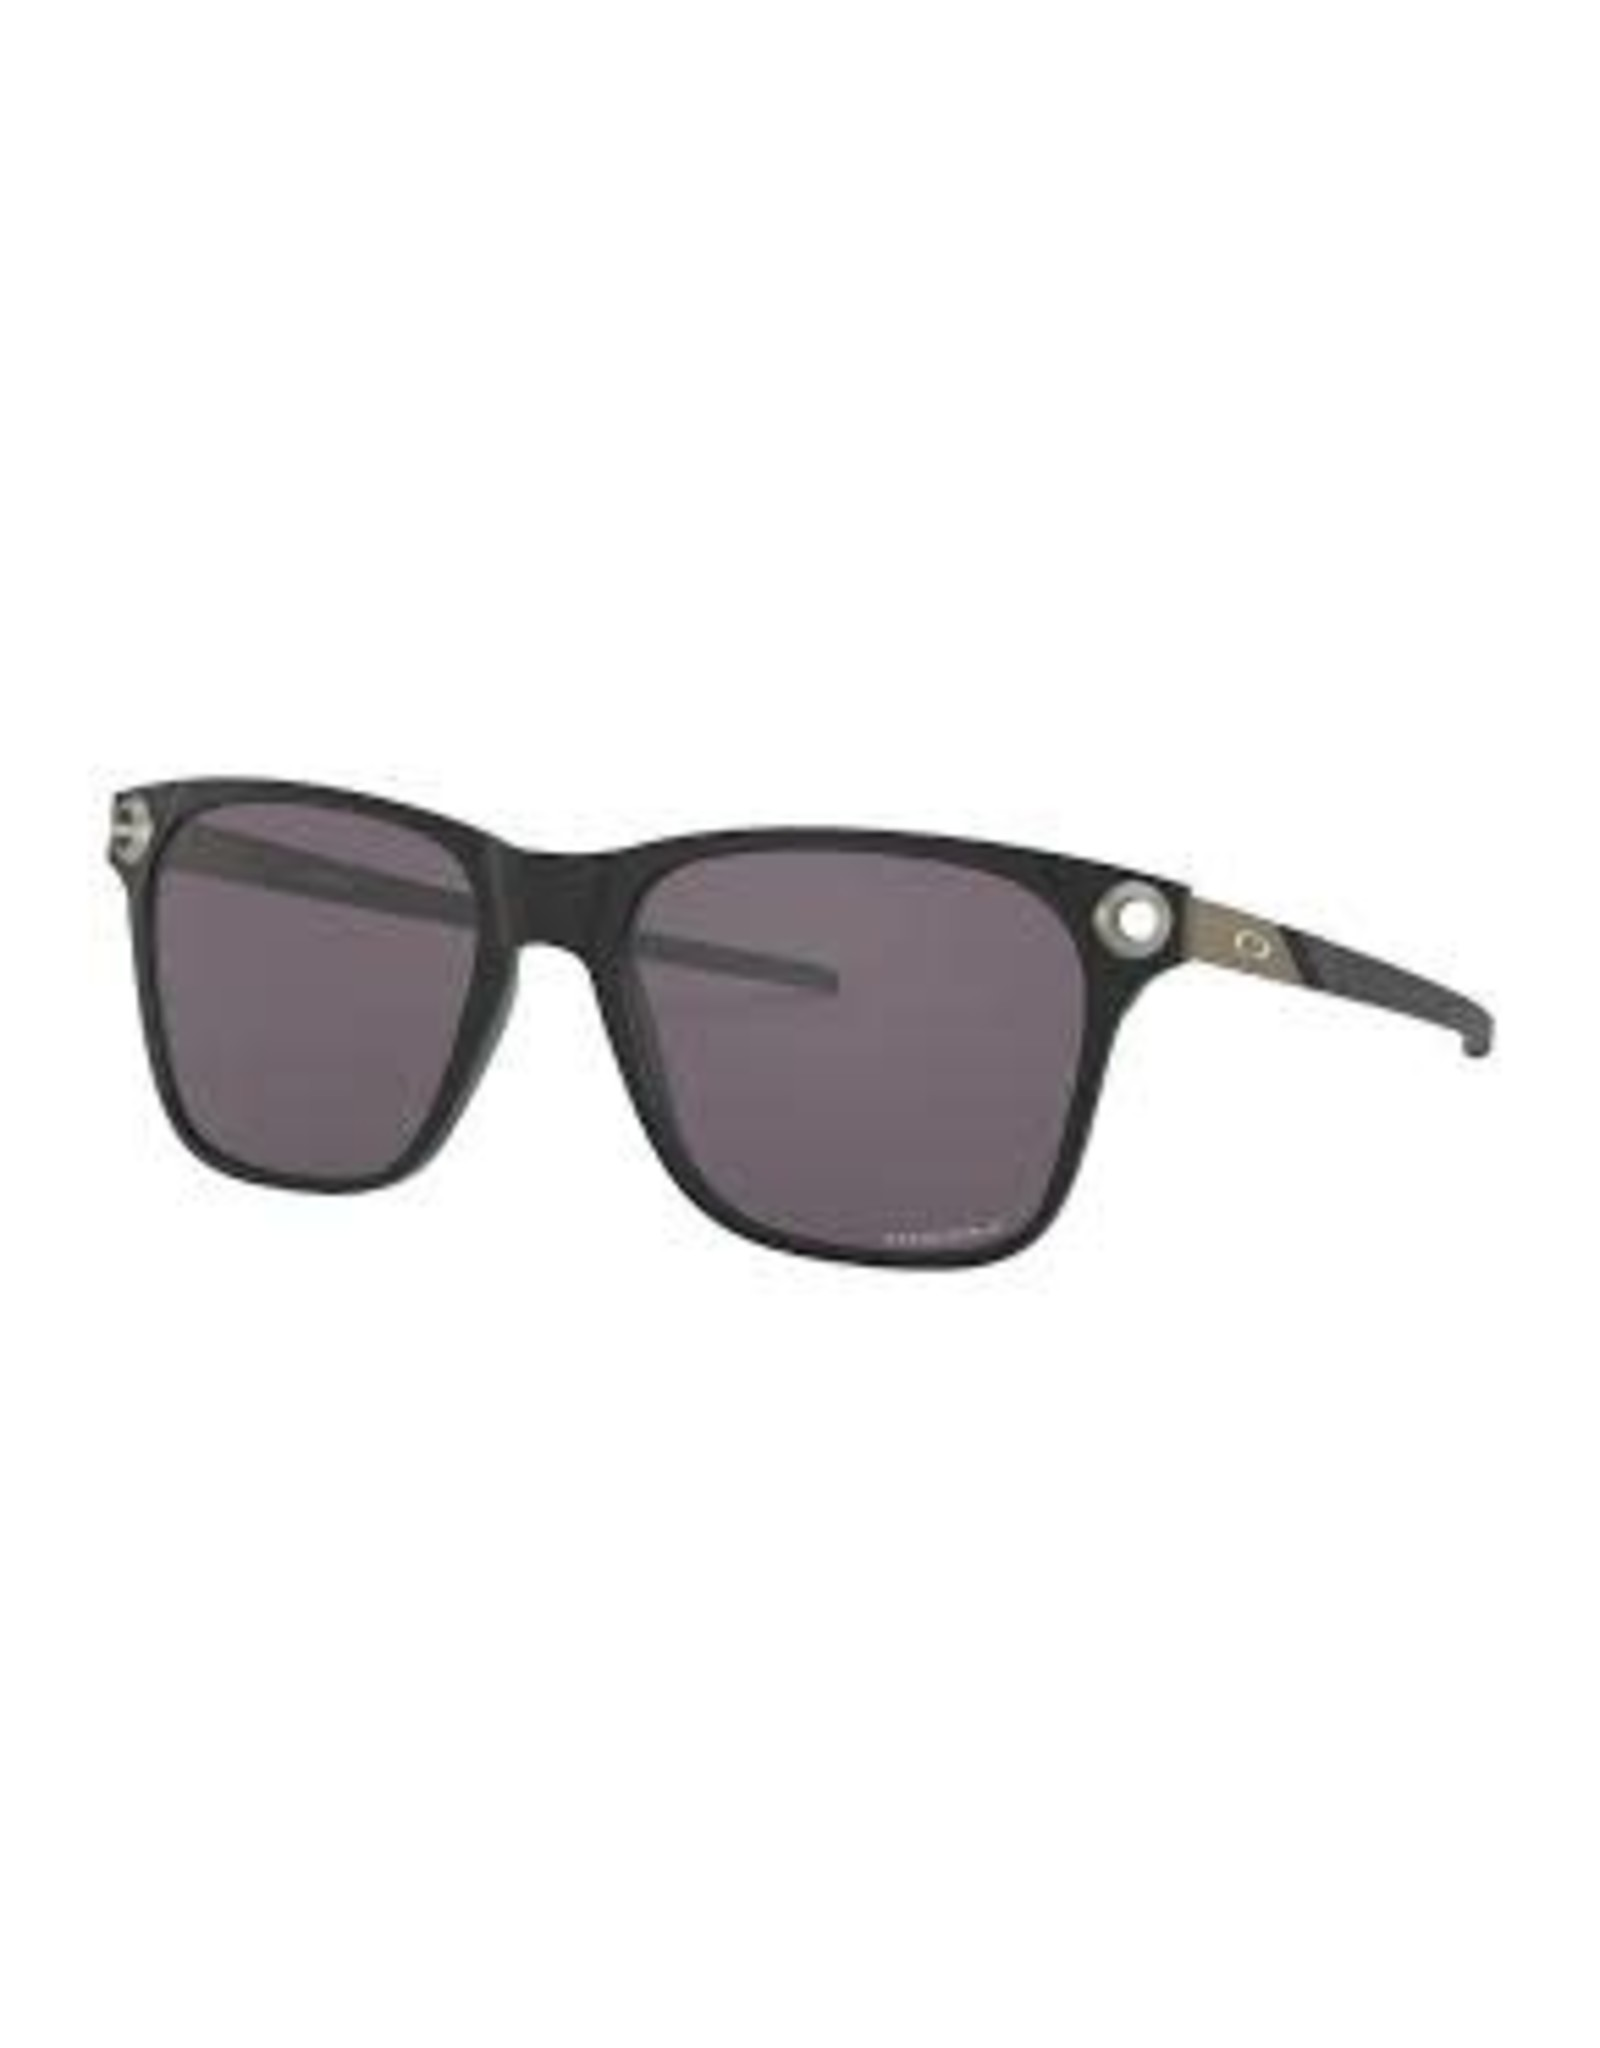 Oakley Oakley - lunette soleil apparition satin black